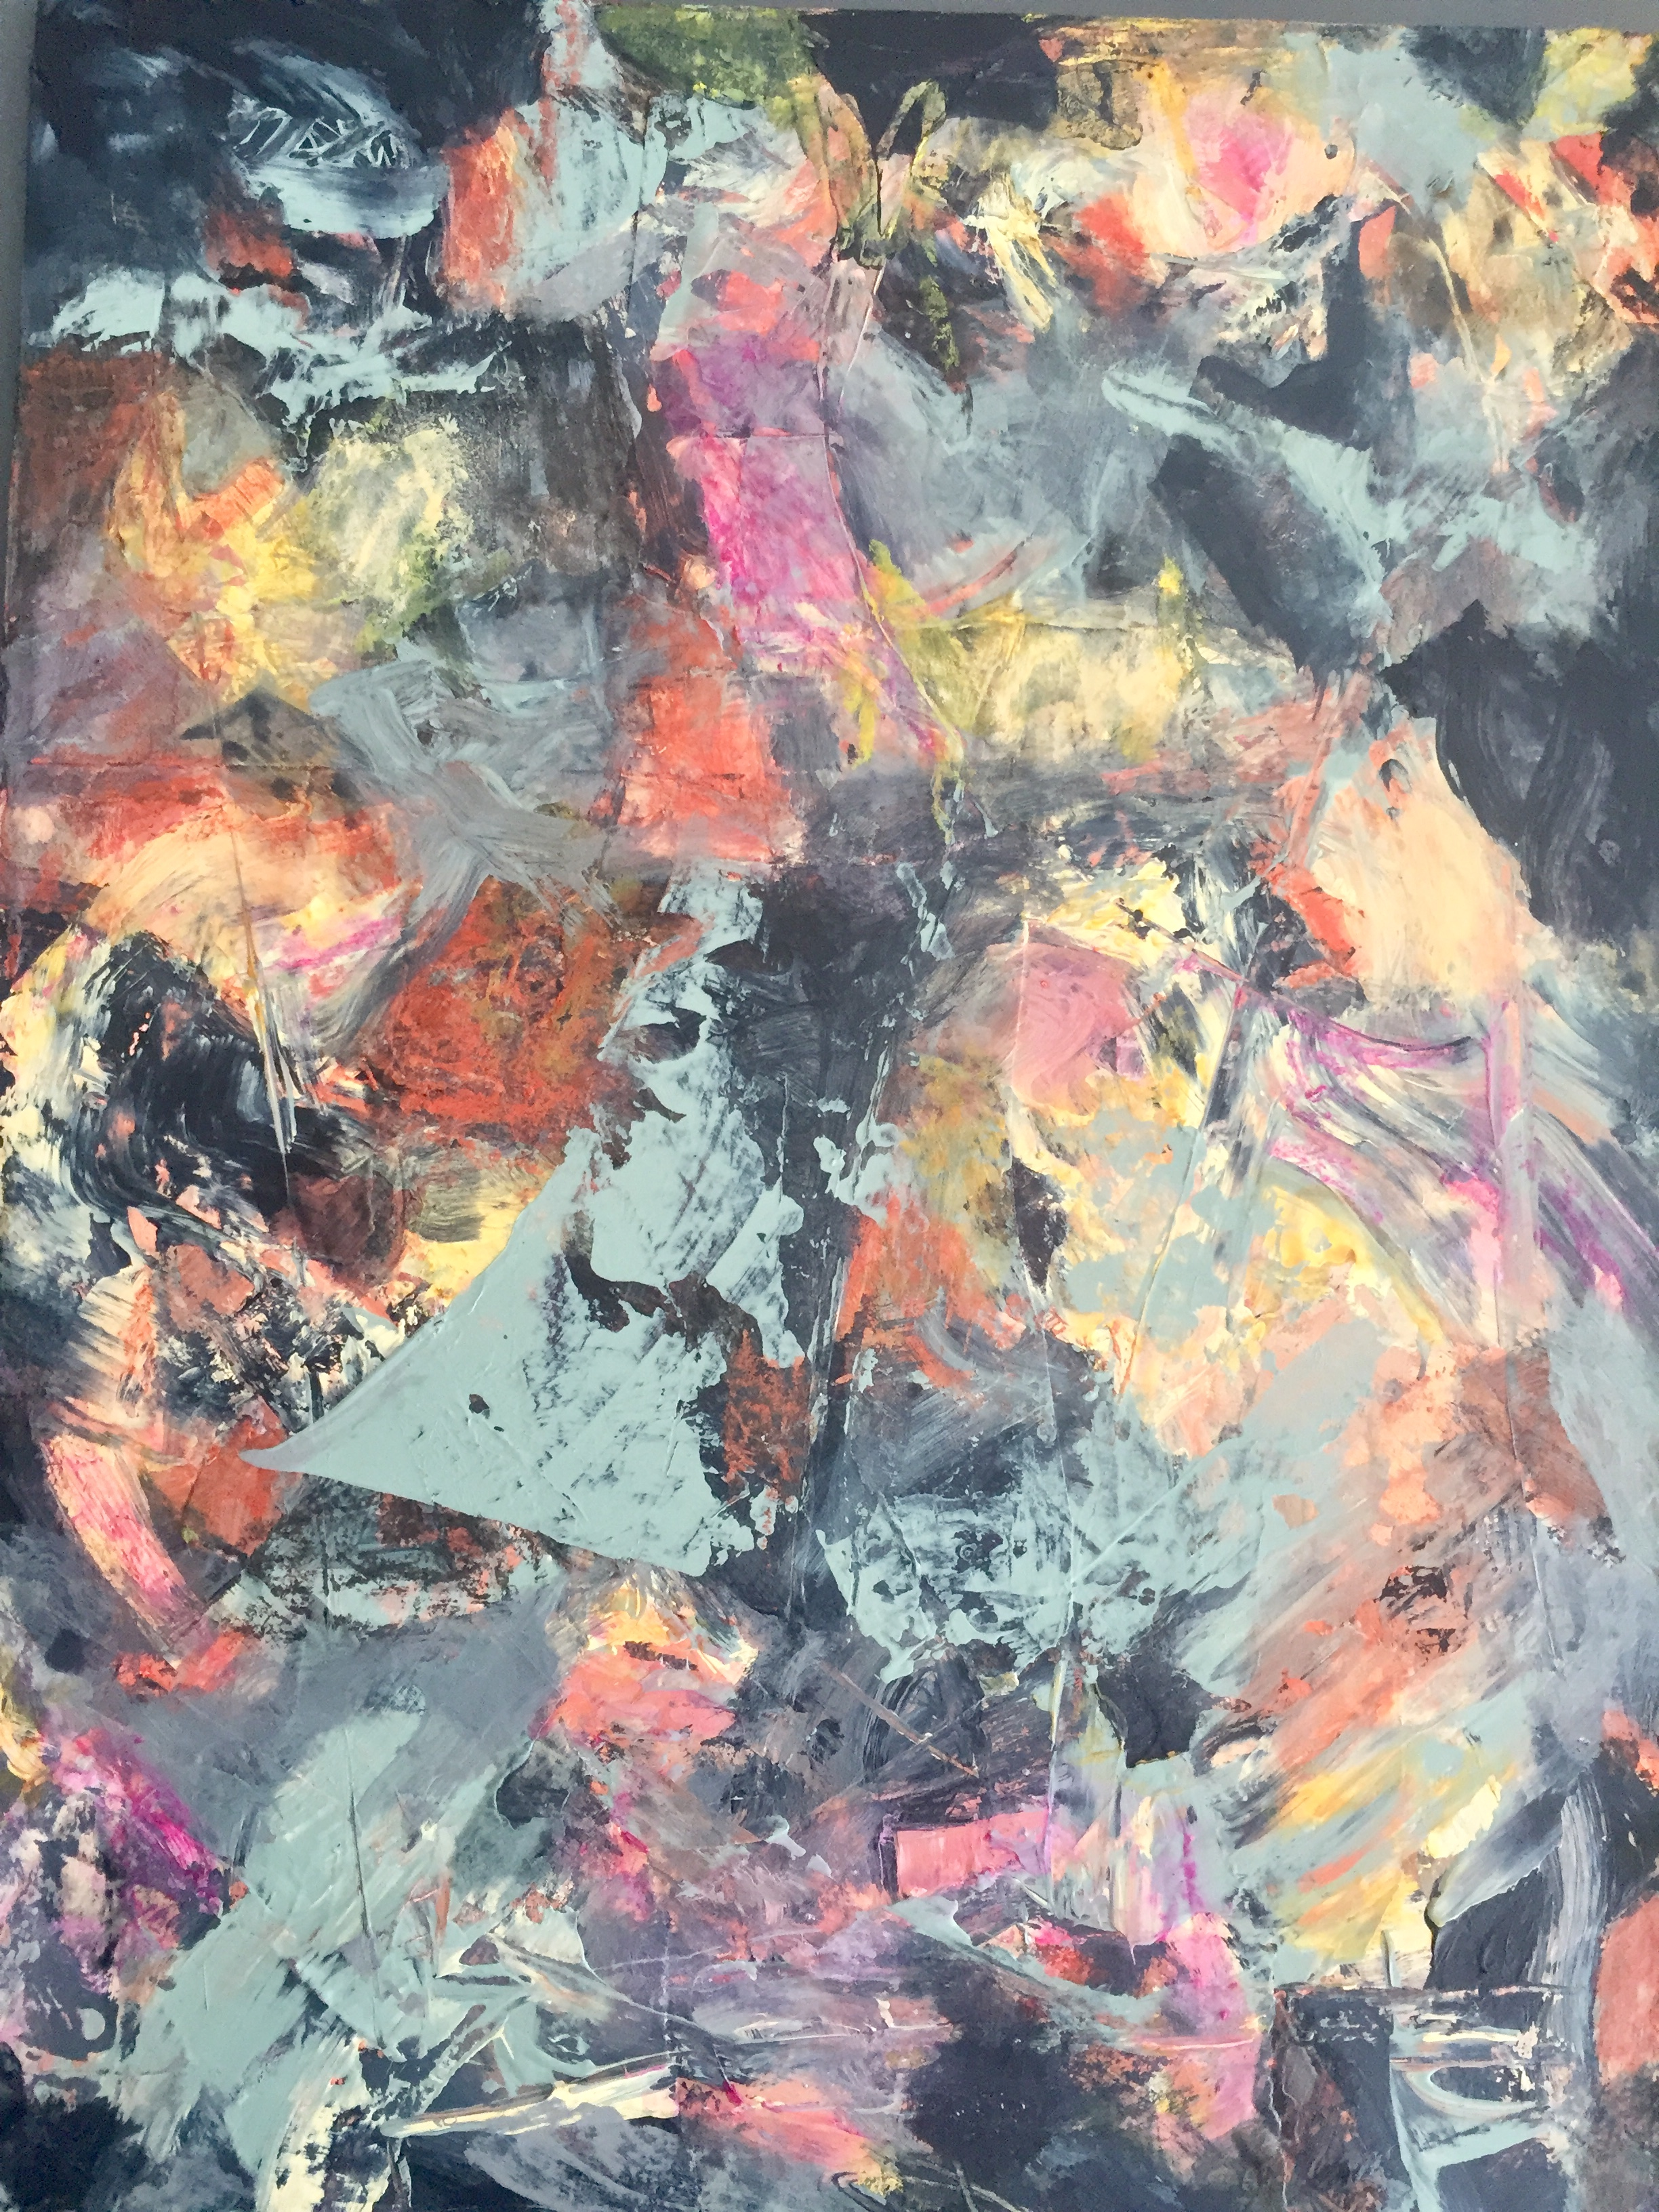 Kunst- Técnica mixta sobre madera- 37 x 27 cm.-2018